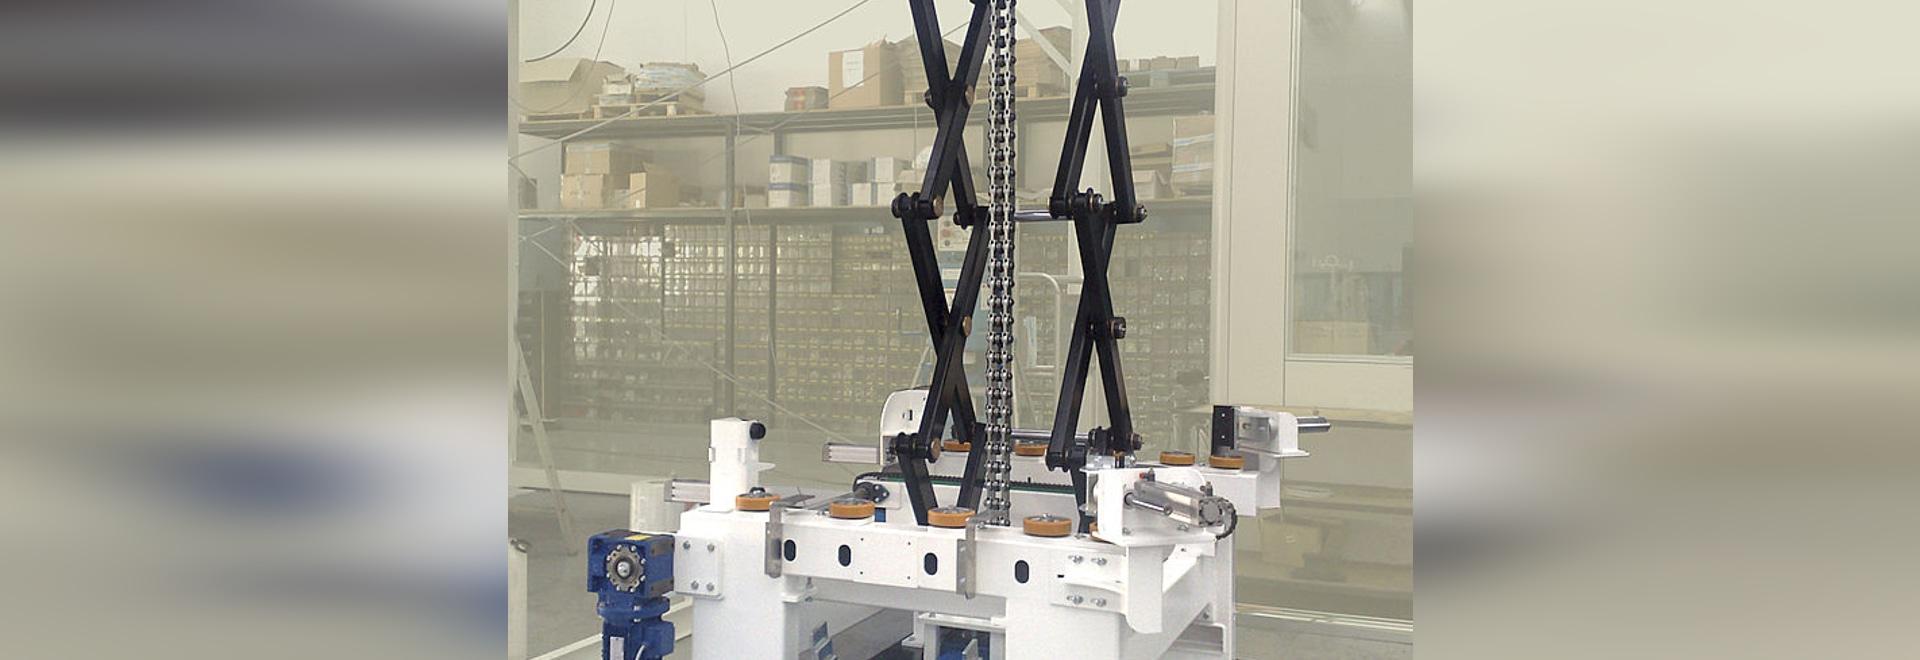 Plataformas de elevación específicas